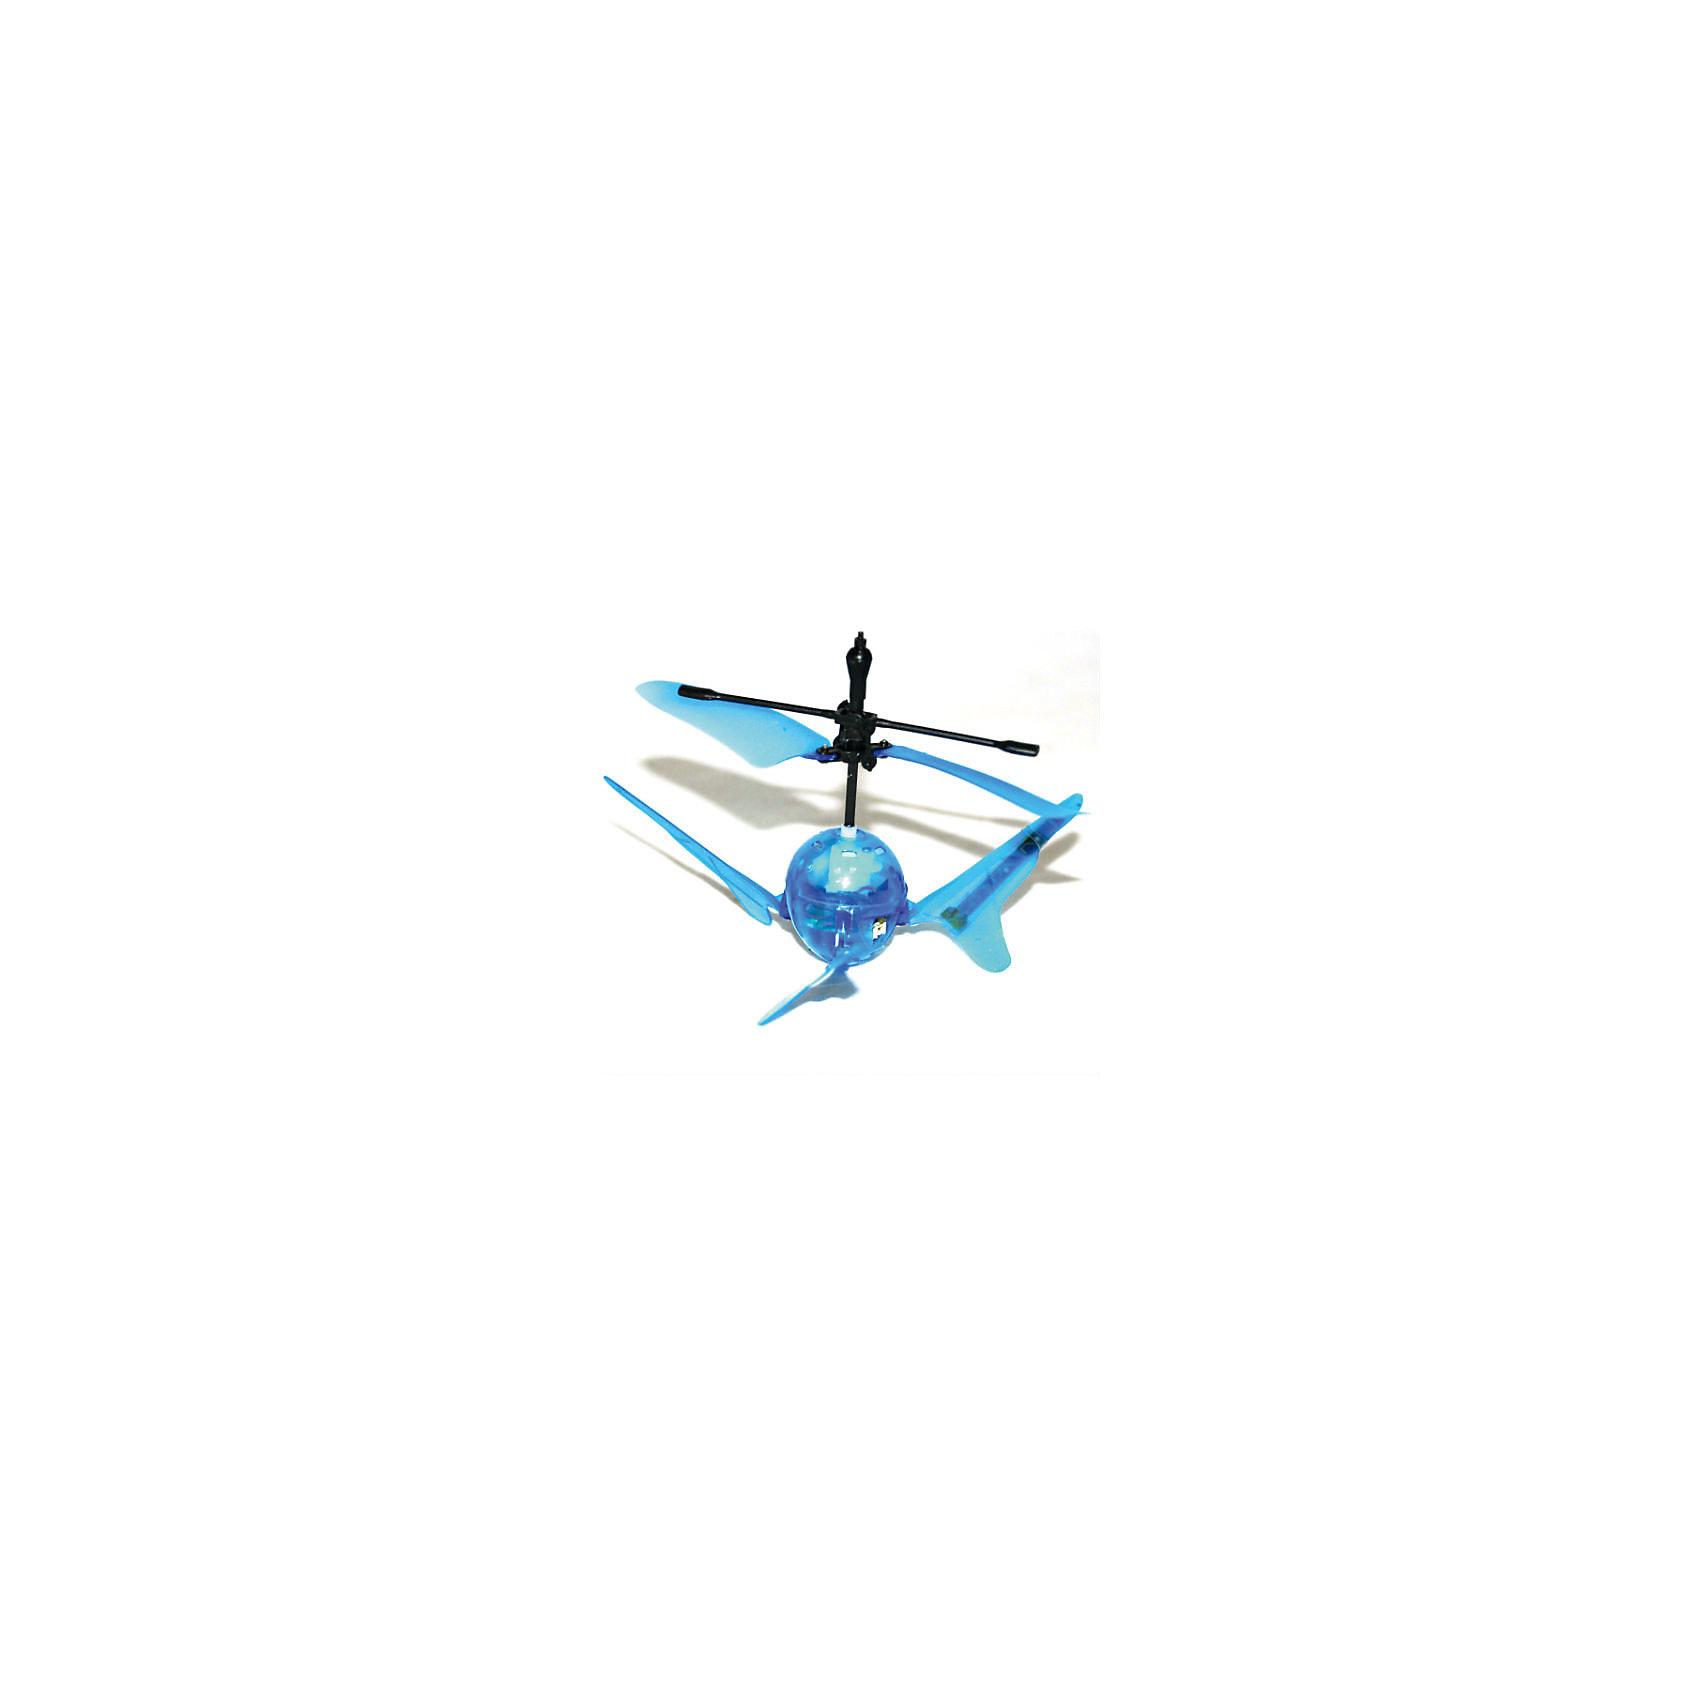 Вертолет Супер Светлячок на и/у со световыми эффектами, голубой, Властелин небесРадиоуправляемый транспорт<br>Вертолет Супер Светлячок на и/у со световыми эффектами, голубой, Властелин небес<br><br>Характеристики:<br><br>• вертолет очень похож на светлячка<br>• светится в темноте<br>• оригинальный дизайн и небольшие размеры<br>• поднимается вверх, опускается вниз и зависает в воздухе<br>• светящиеся сигнальные огни<br>• инфракрасное и сенсорное управление<br>• полная зарядка за 20 минут<br>• расстояние до пульта: 7 метров<br>• вертолет, аккумулятор 3,7V, зарядное устройство<br>• размер вертолета: 9х5х5 см<br>• материал: пластик, металл<br>• вес: 319 грамм<br>• размер упаковки: 15х29,5х16 см<br>• вес: 800 грамм<br>• батарейки для пульта: 3xAA / LR06 1.5V ( в комплекте)<br>• батарейки для зарядного устройства: 8xAA / LR06 1.5V ( в комплект не входят)<br>• цвет: синий<br><br>Супер Светлячок - забавный вертолет на инфракрасном управлении. Своим видом он напоминает маленького светлячка. Также, подобно светлячку, вертолет светится в темноте и освещает помещение сигнальными огнями. Супер Светлячок умеет летать вверх и вниз, а также зависает в воздухе. Есть возможность выбора управления: сенсорное и ручное. Время полета составляет до 10 минут, время полной подзарядки - 20 минут. Вертолет может летать на расстоянии до 7 метров от пульта управления. Супер Светлячок очарует своими огоньками и детей, и взрослых!<br>Для работы необходимы батарейки.<br><br>Вертолет Супер Светлячок на и/у со световыми эффектами, голубой, Властелин небес можно купить в нашем интернет-магазине.<br><br>Ширина мм: 130<br>Глубина мм: 185<br>Высота мм: 155<br>Вес г: 320<br>Возраст от месяцев: 108<br>Возраст до месяцев: 2147483647<br>Пол: Мужской<br>Возраст: Детский<br>SKU: 5397085